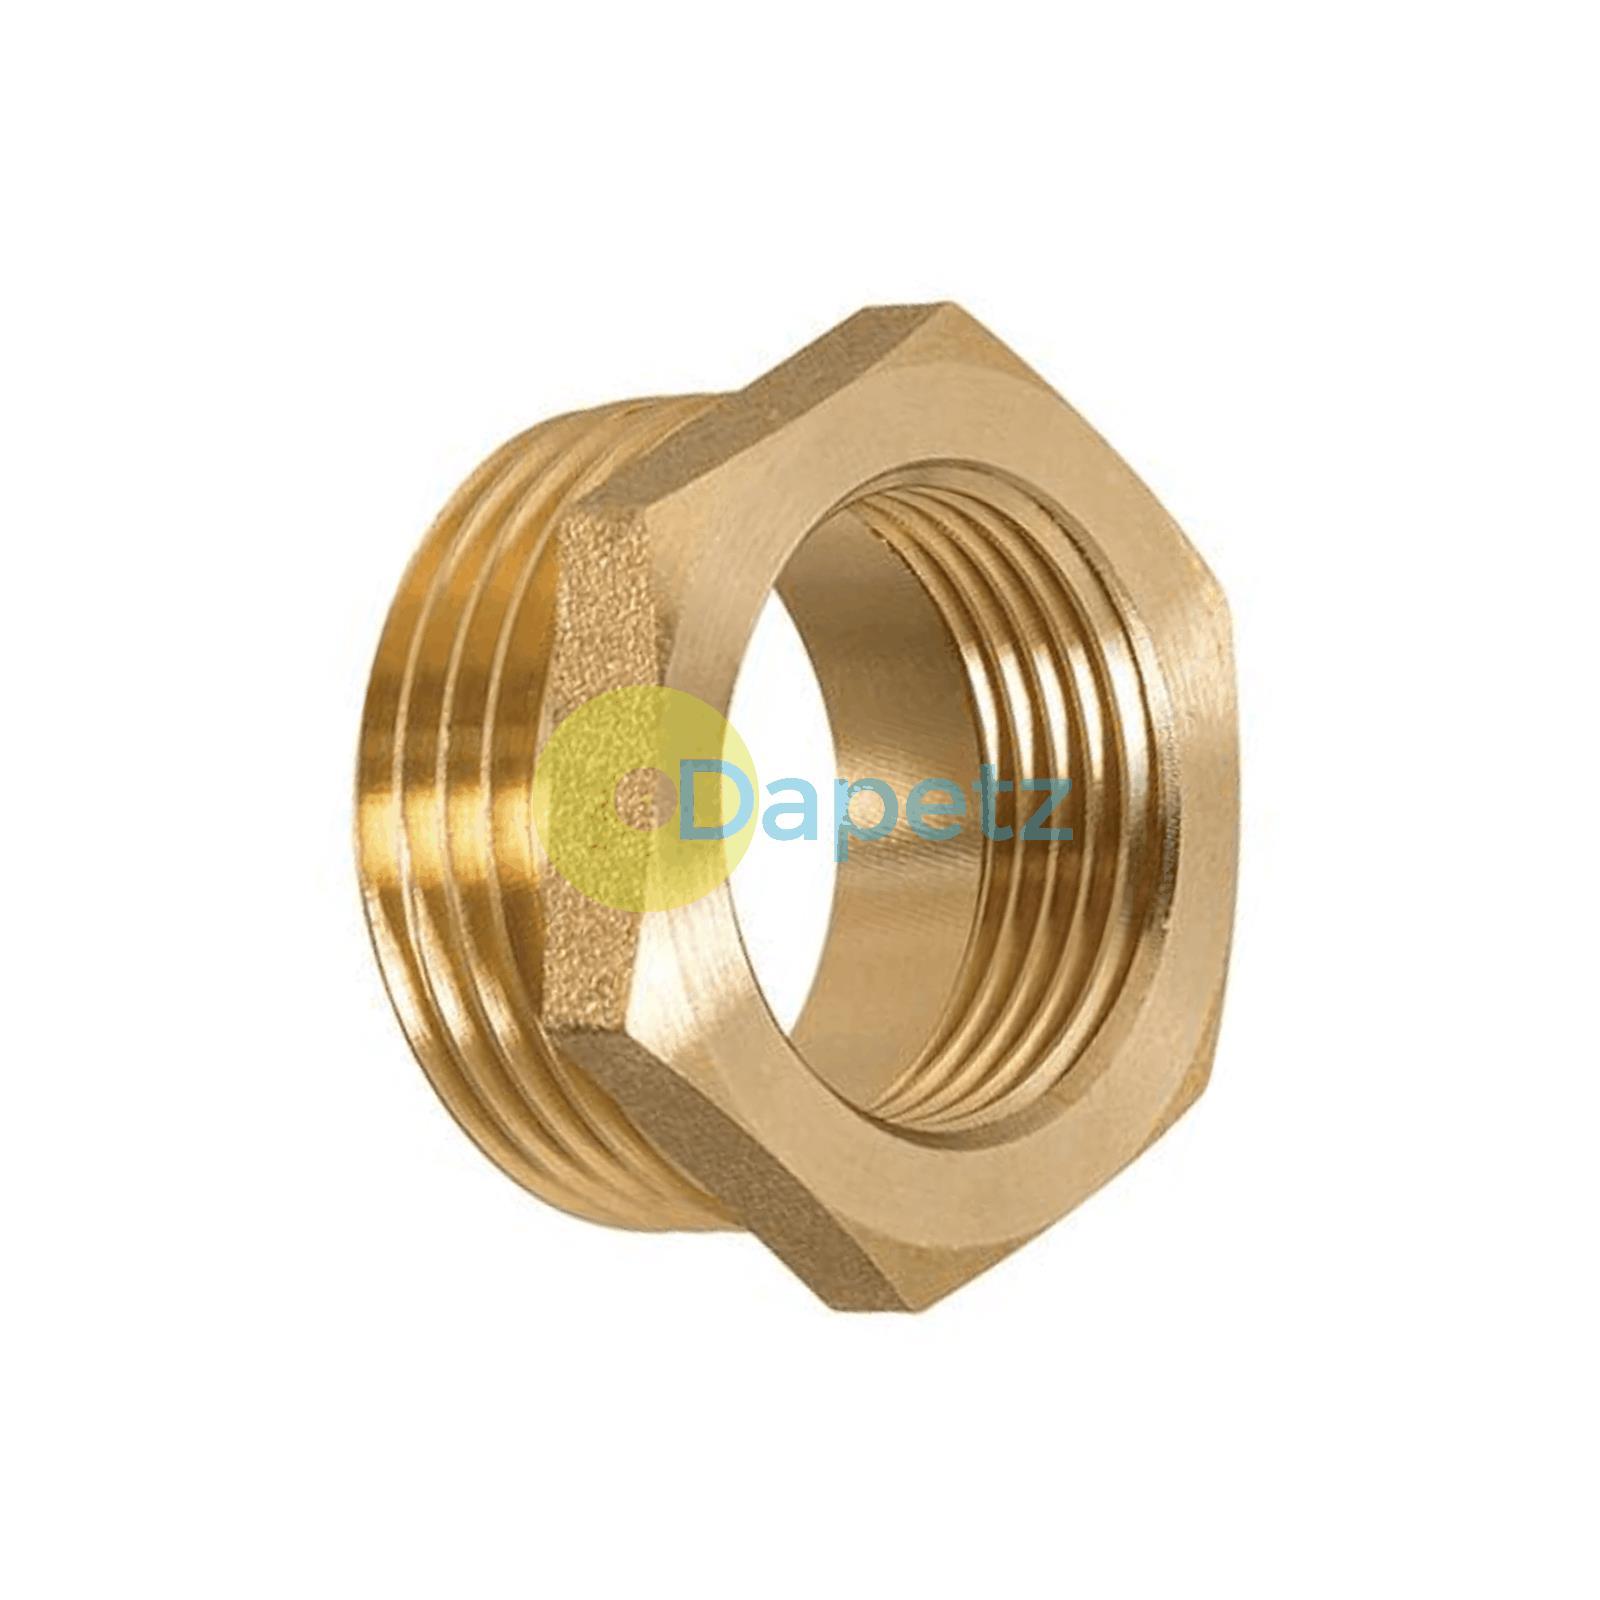 Brass-Reducing-Hexagone-Bush-BSP-Male-a-Femelle-Adaptateur-Connecteur-WRAS-approuves miniature 11